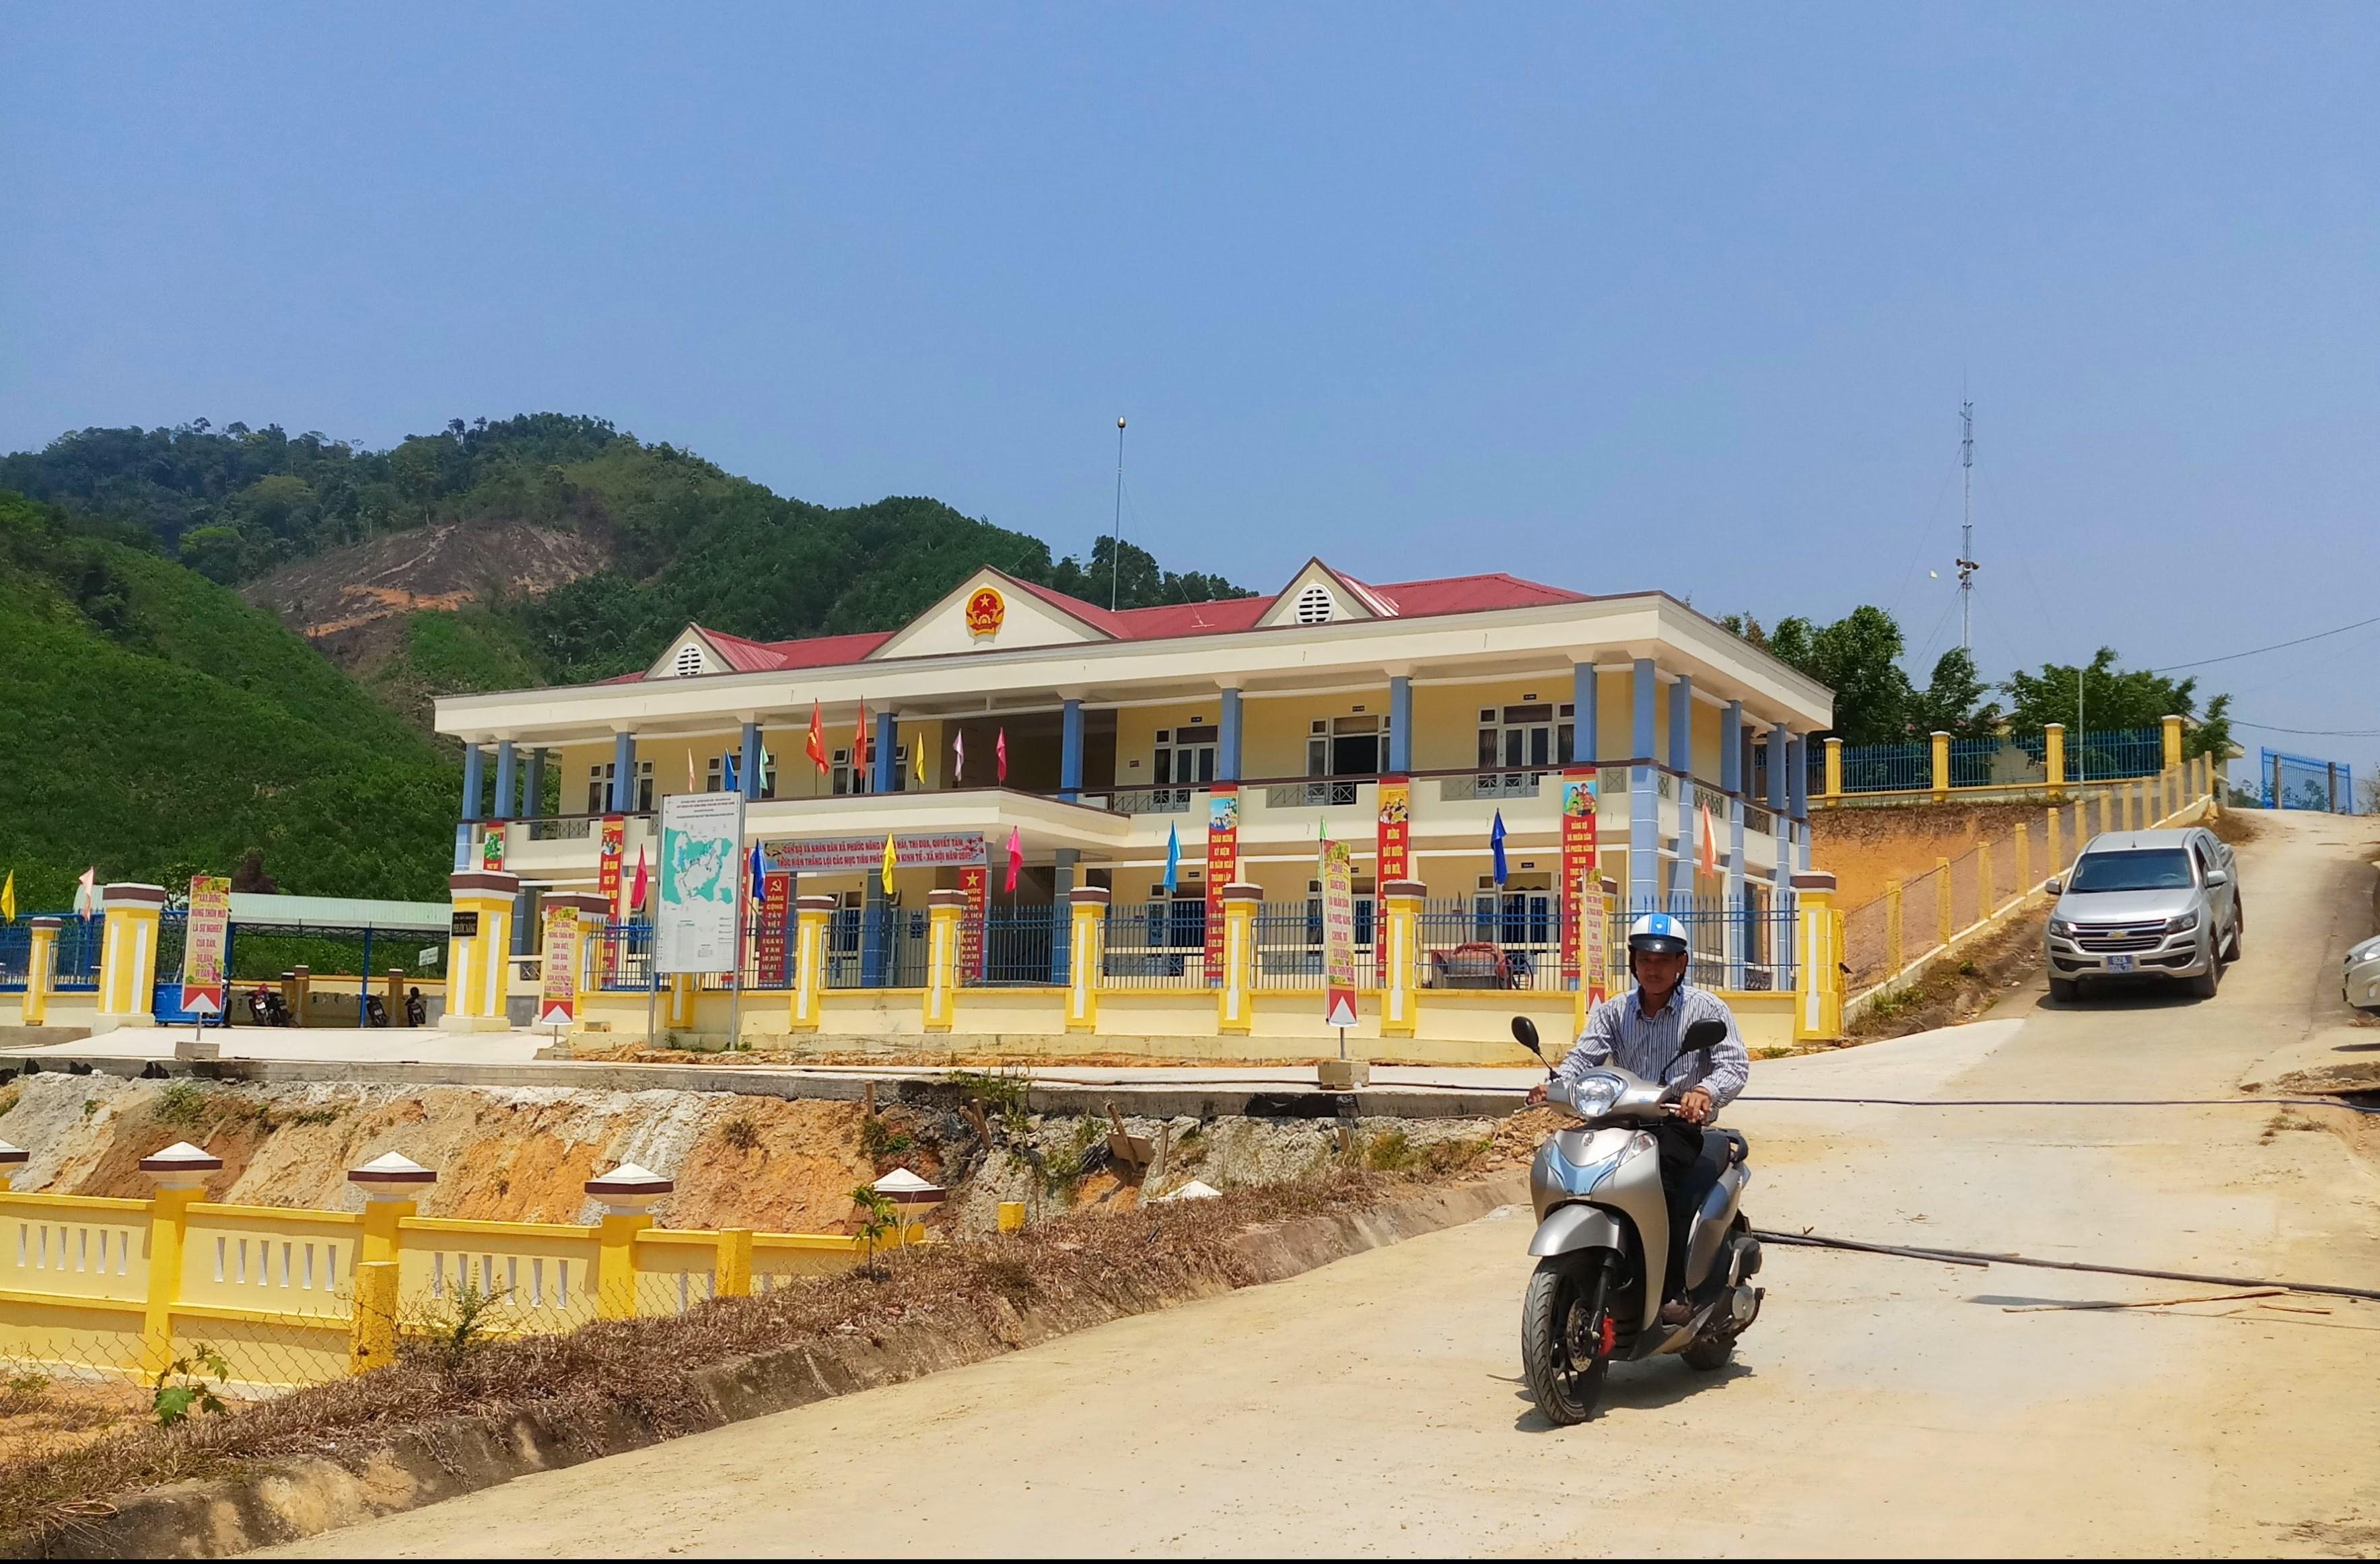 Từ nguồn lực đầu tư của Nhà nước, Phước Sơn đã từng bước hoàn thiện hạ tầng cơ sở, đáp ứng nhu cầu phát triển của địa phương.